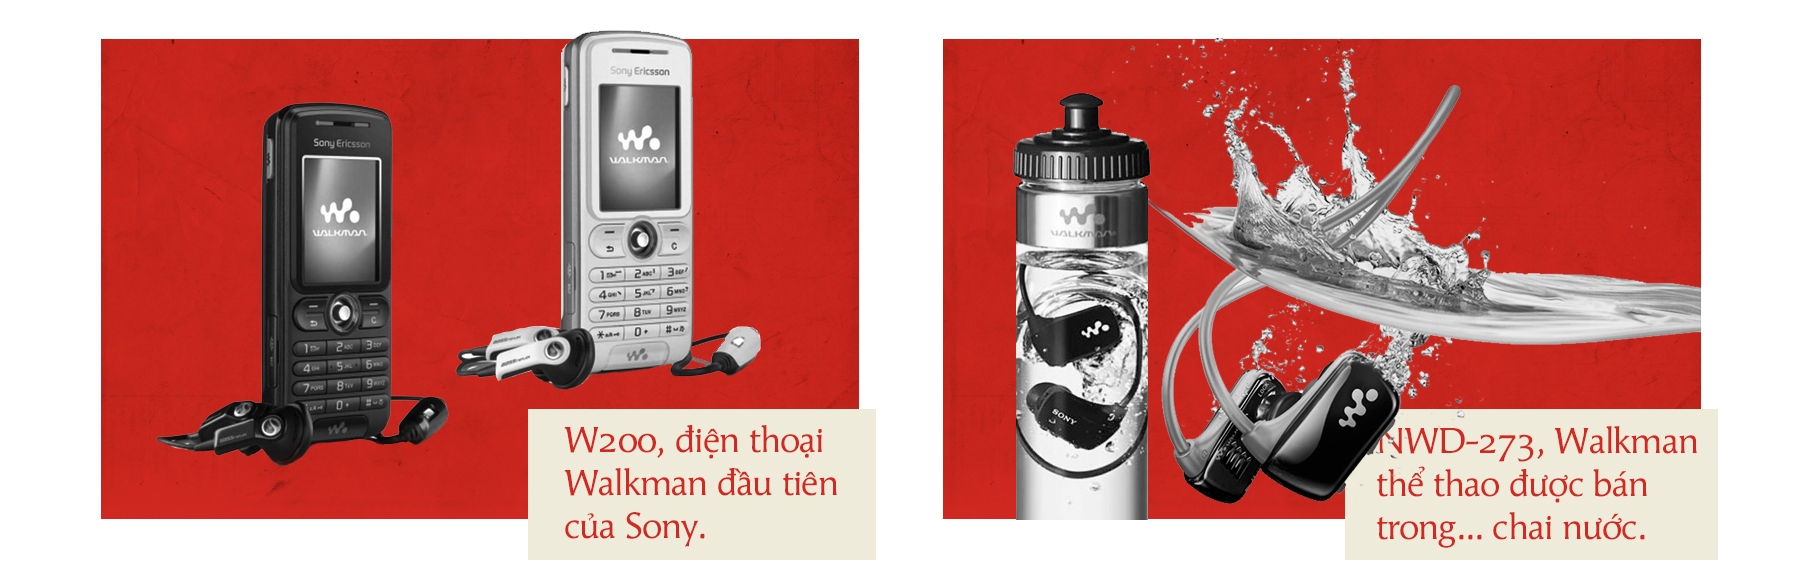 Toàn cảnh cú trượt dài từ vị thế thống trị đến hiện tại mờ nhạt của Sony - Ảnh 14.